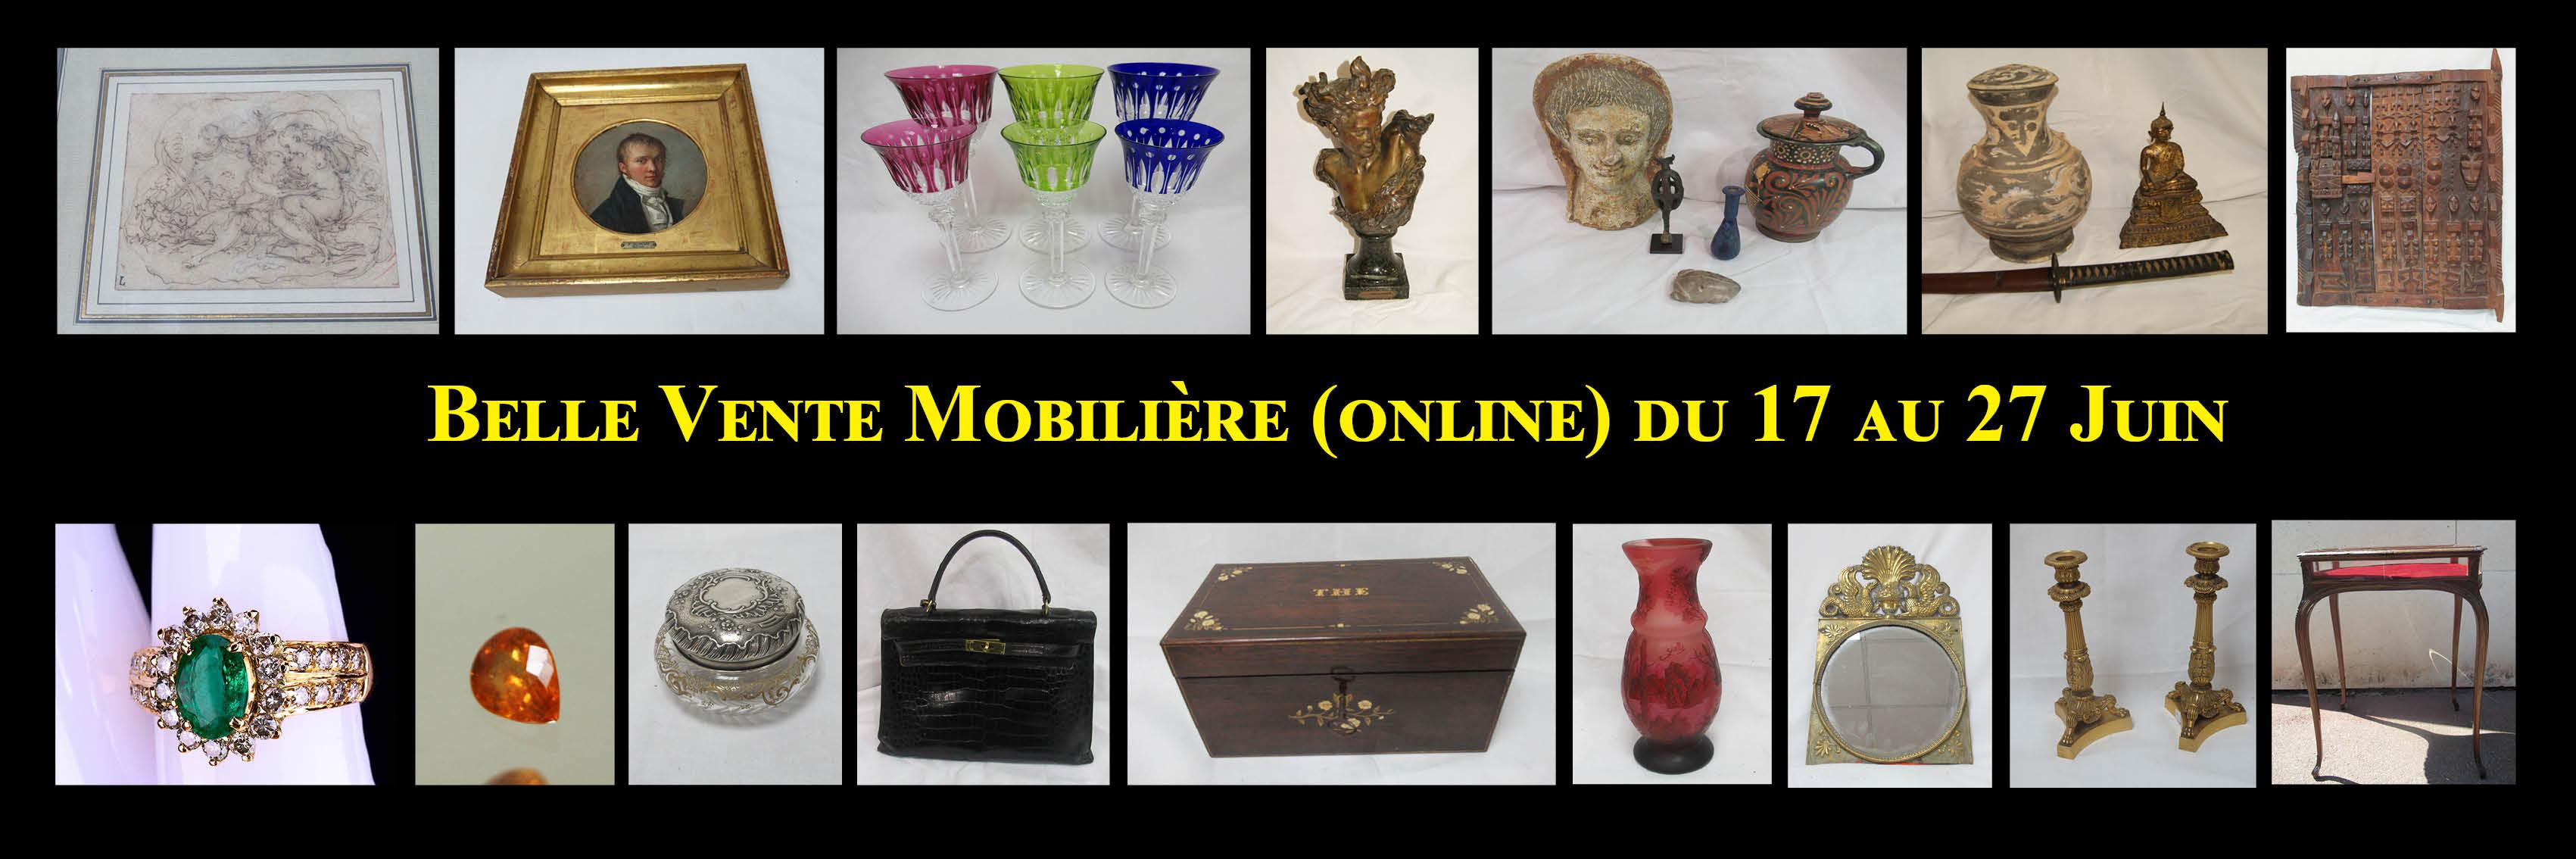 Belle vente mobilière